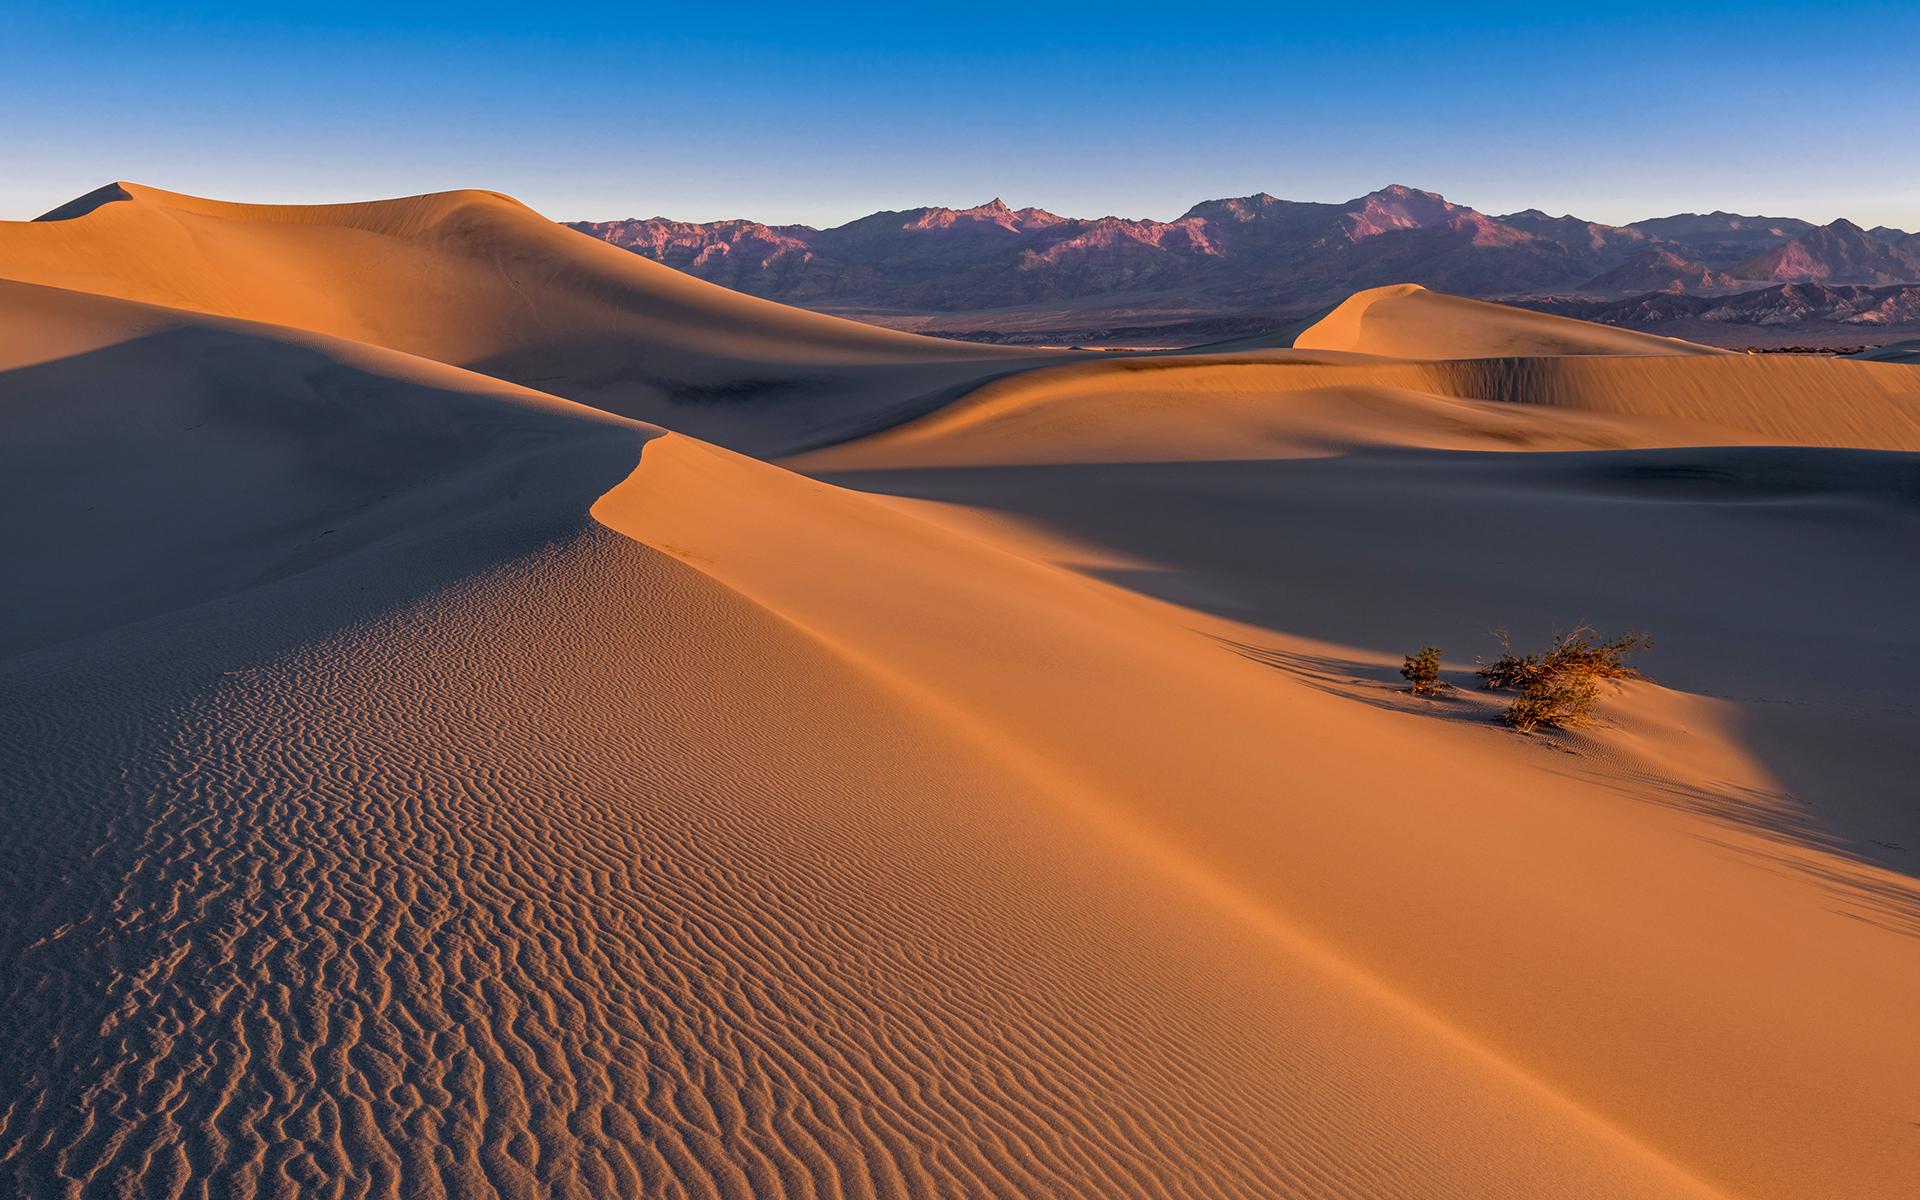 песчаные горы в пустыне  № 3605939 загрузить